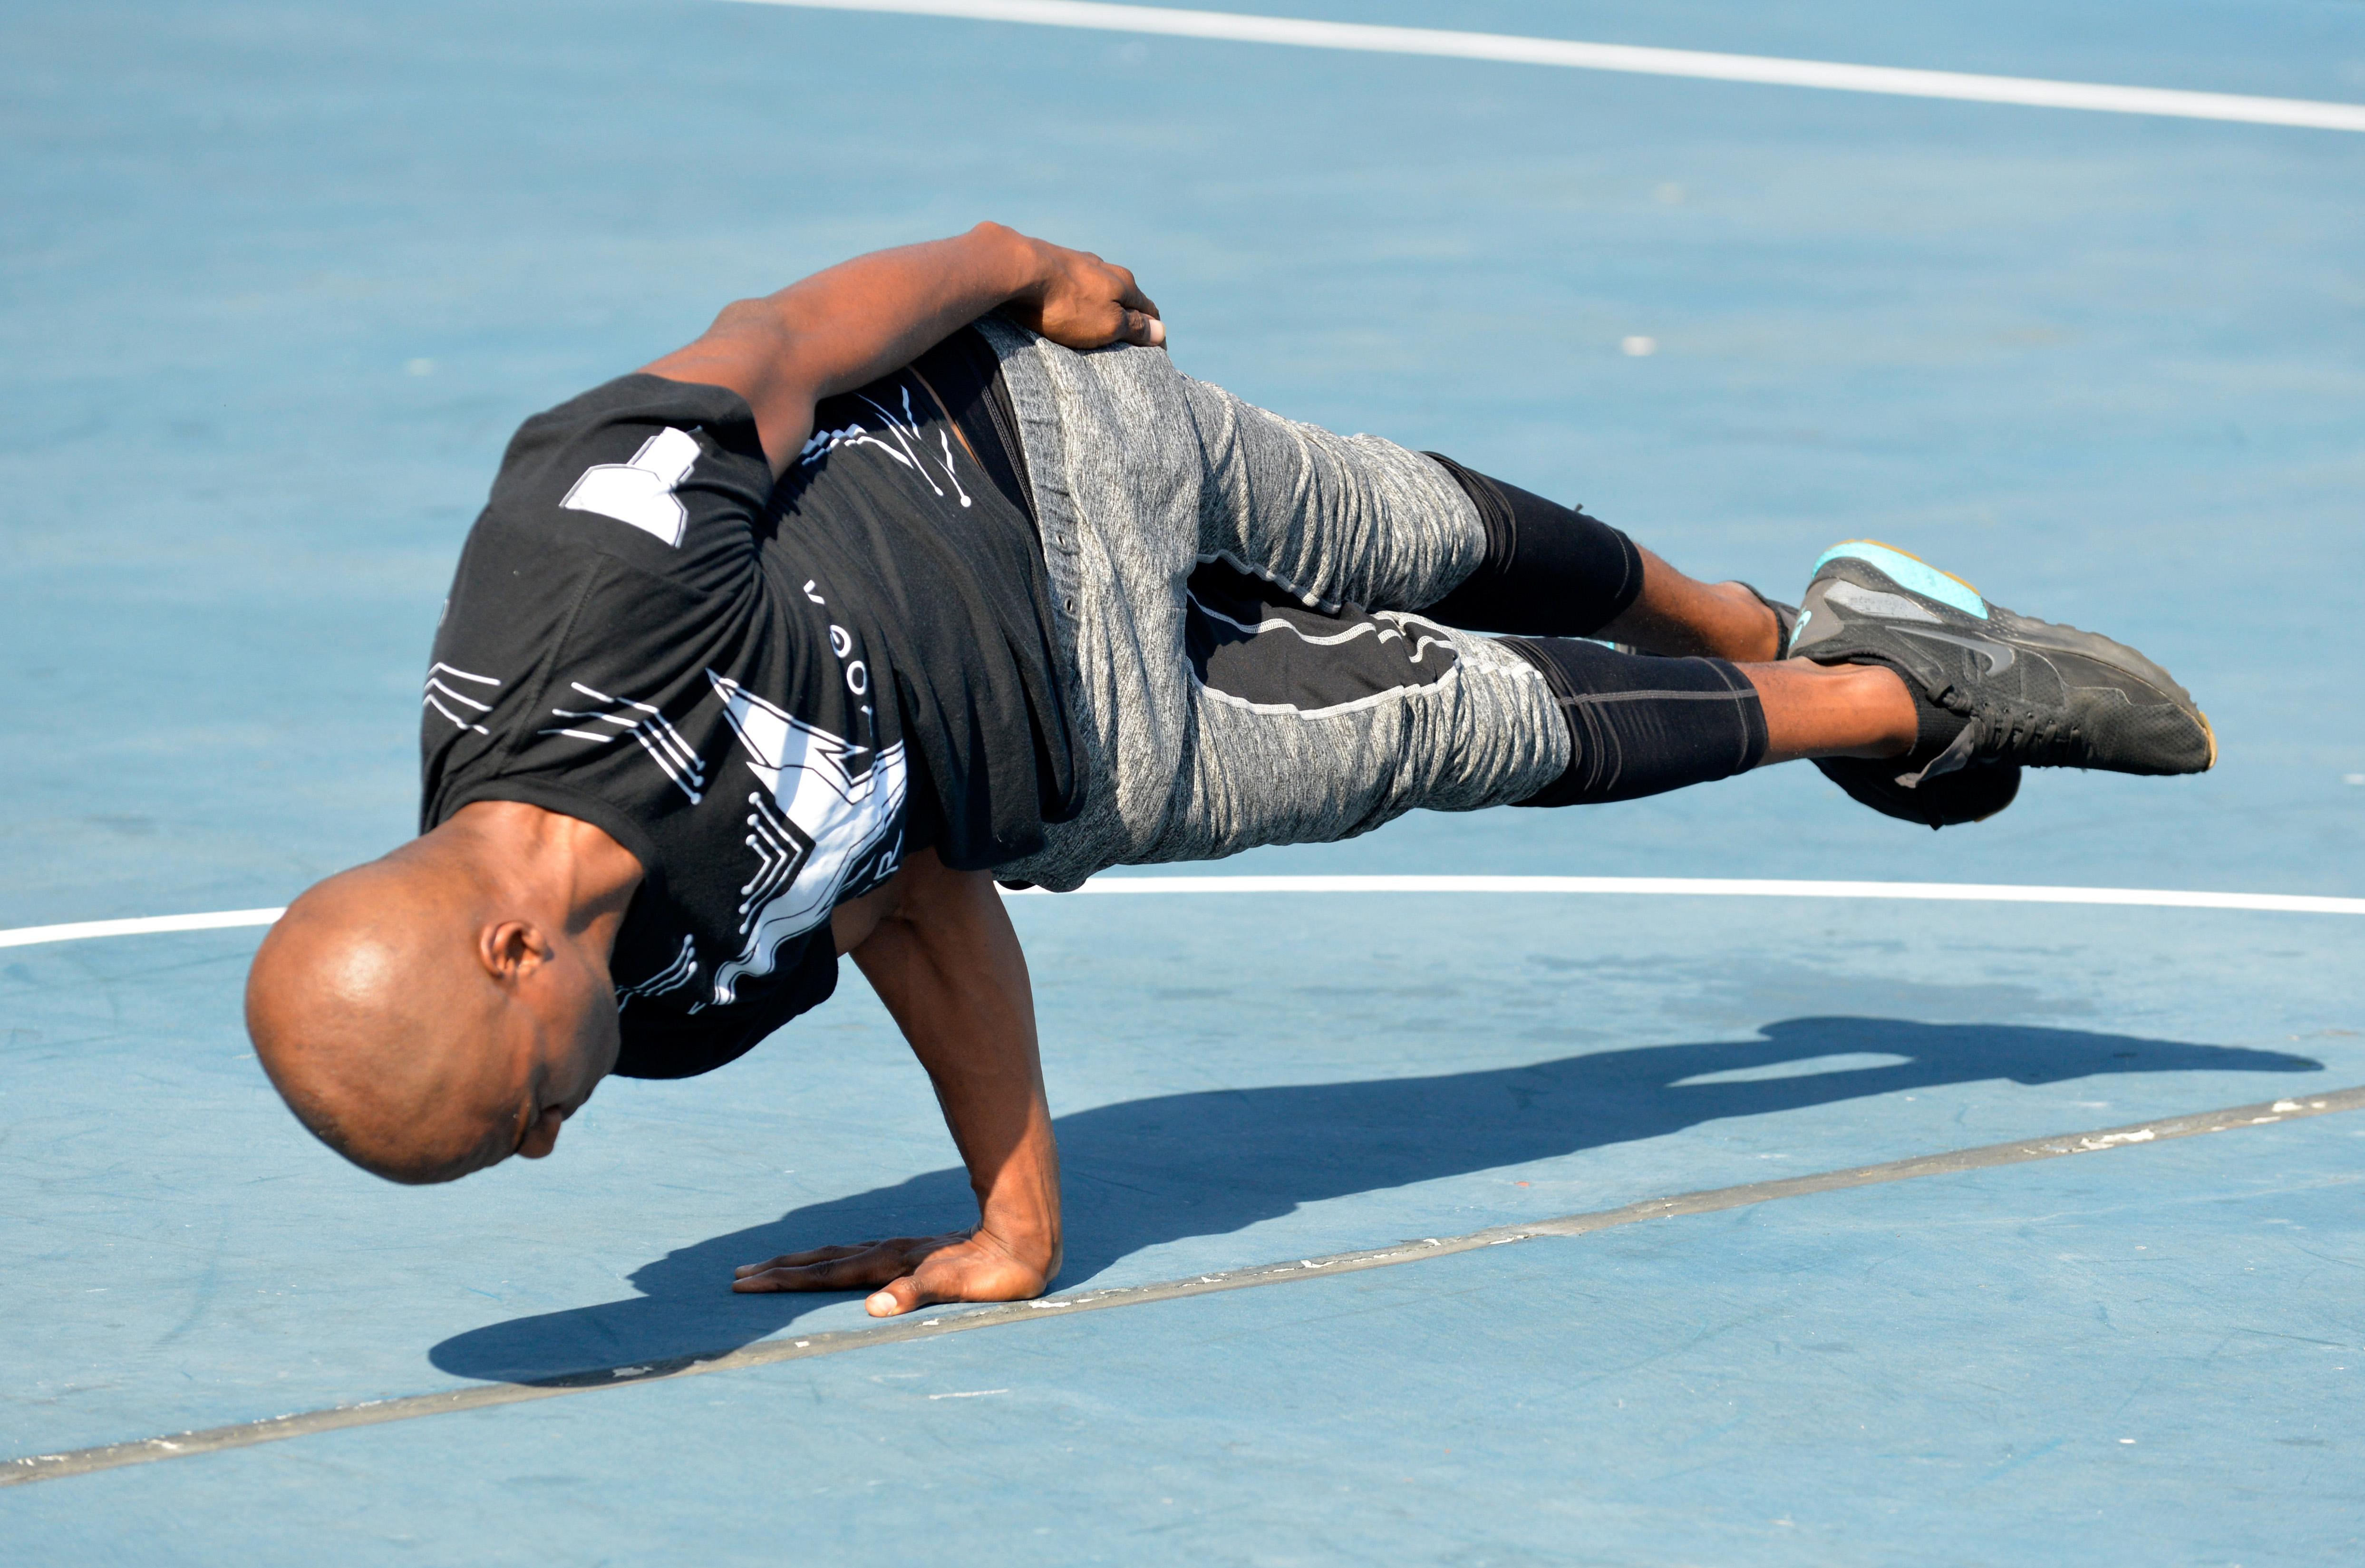 Le breakdance bientôt aux Jeux 2024 ?